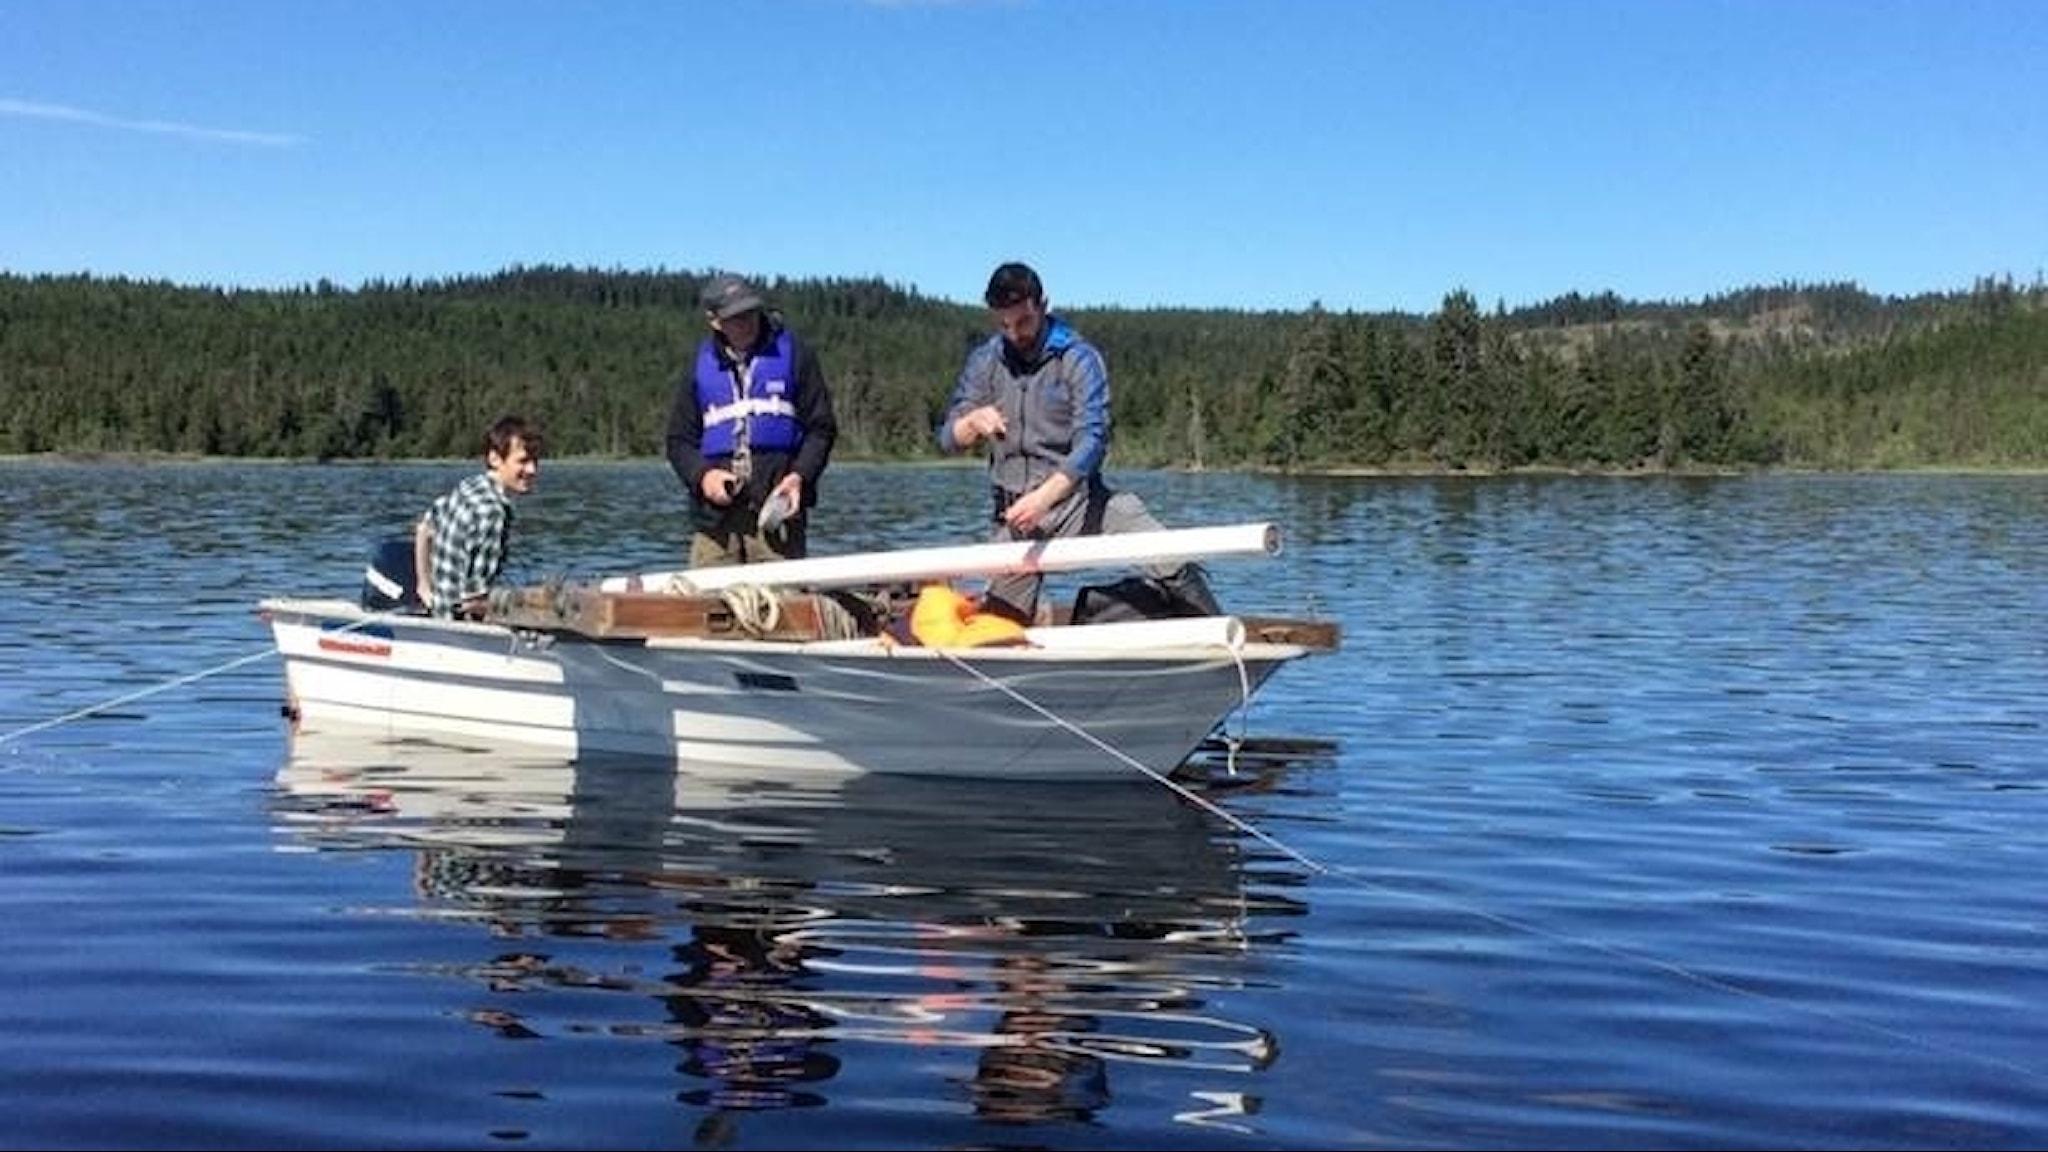 Tre personer i en roddbåt på en sjö håller i ett stuprör